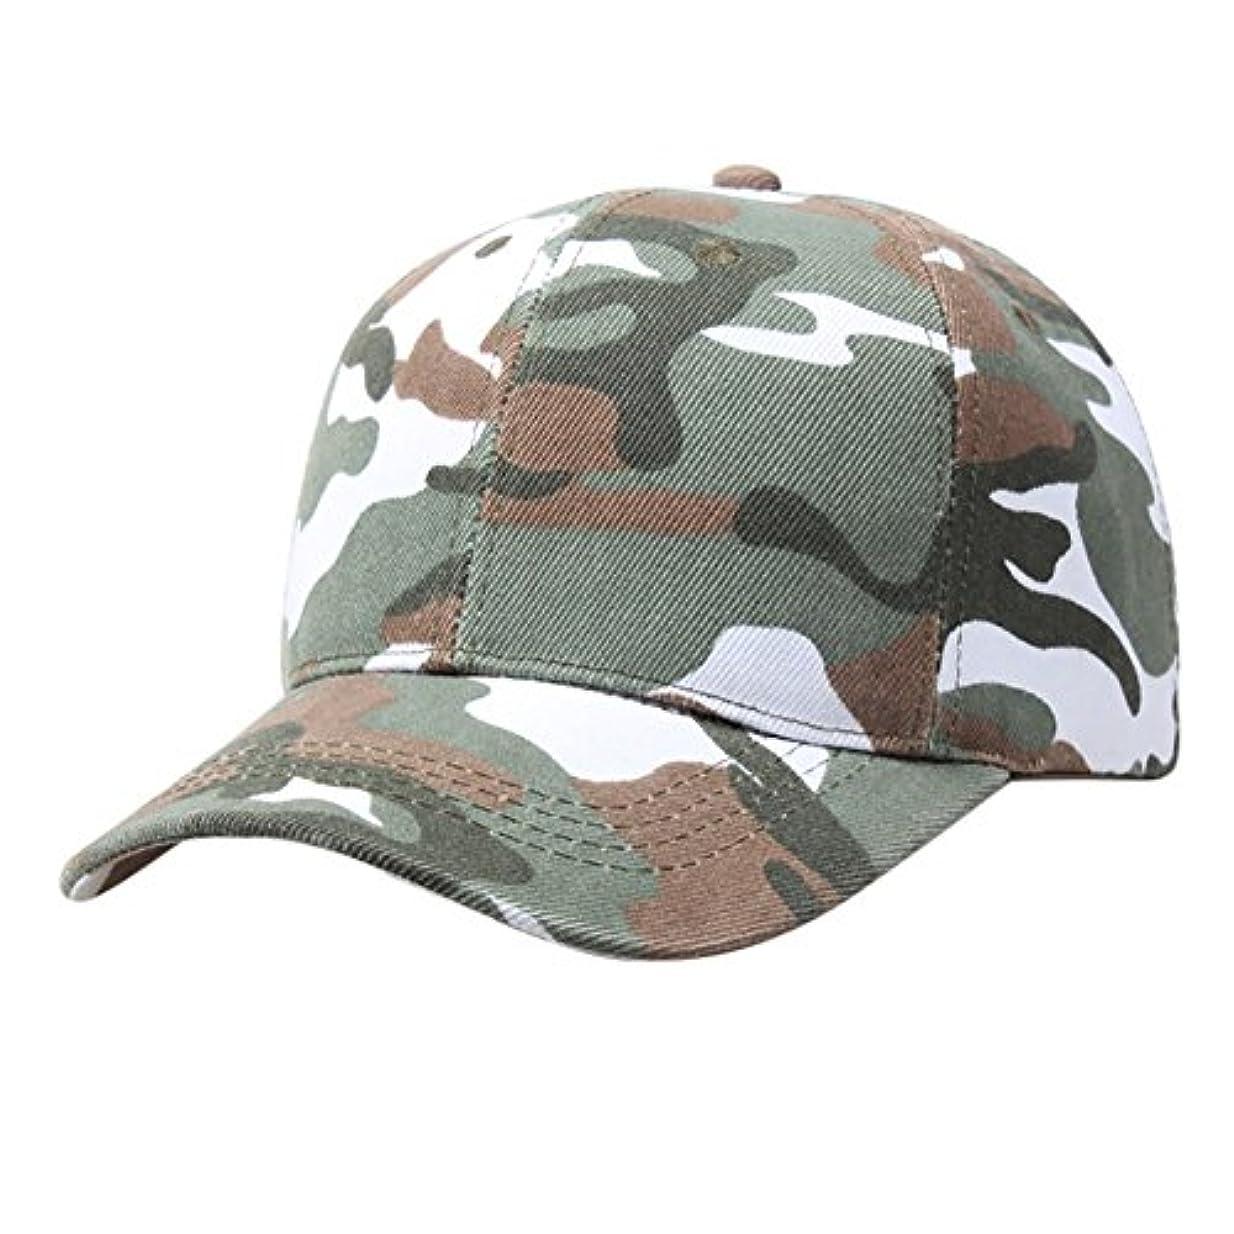 起きている真夜中話Racazing Cap 迷彩 野球帽 軍用 通気性のある ヒップホップ 帽子 夏 登山 緑 可調整可能 棒球帽 男女兼用 UV 帽子 軽量 屋外 カモフラージュ Unisex Cap (緑)